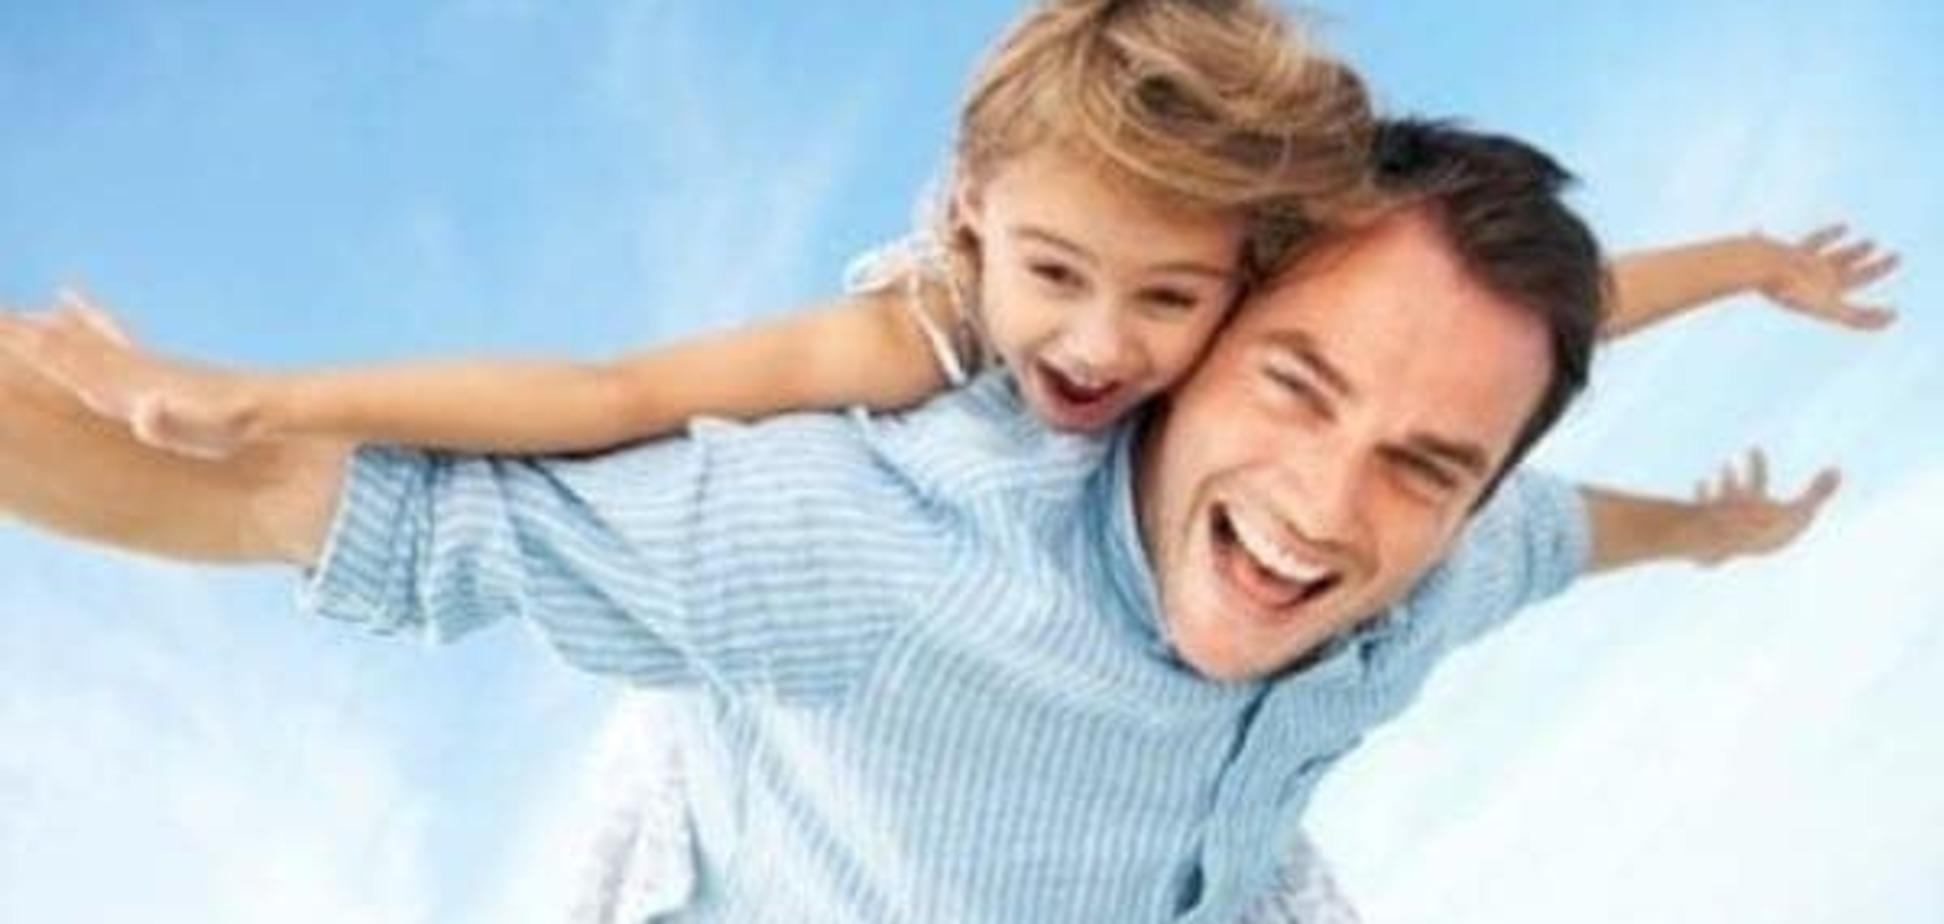 Контакт с ребенком: как сделать так, чтобы он слышал и слушал?